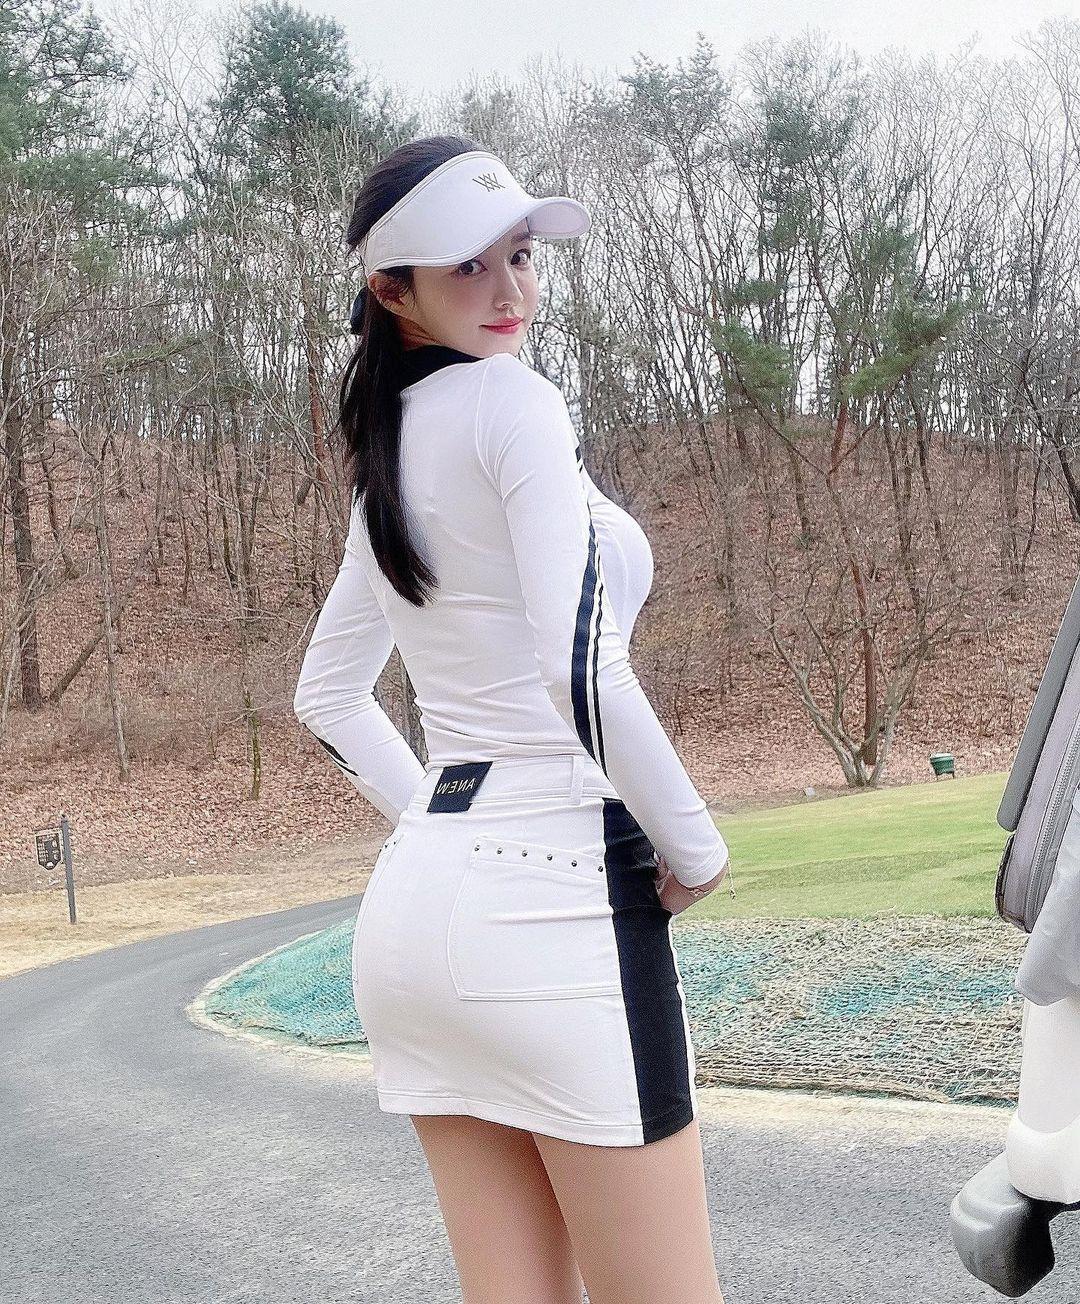 韩国美女主播「尹浩延」爱打高尔夫.球衣衬托超吸睛 养眼图片 第30张